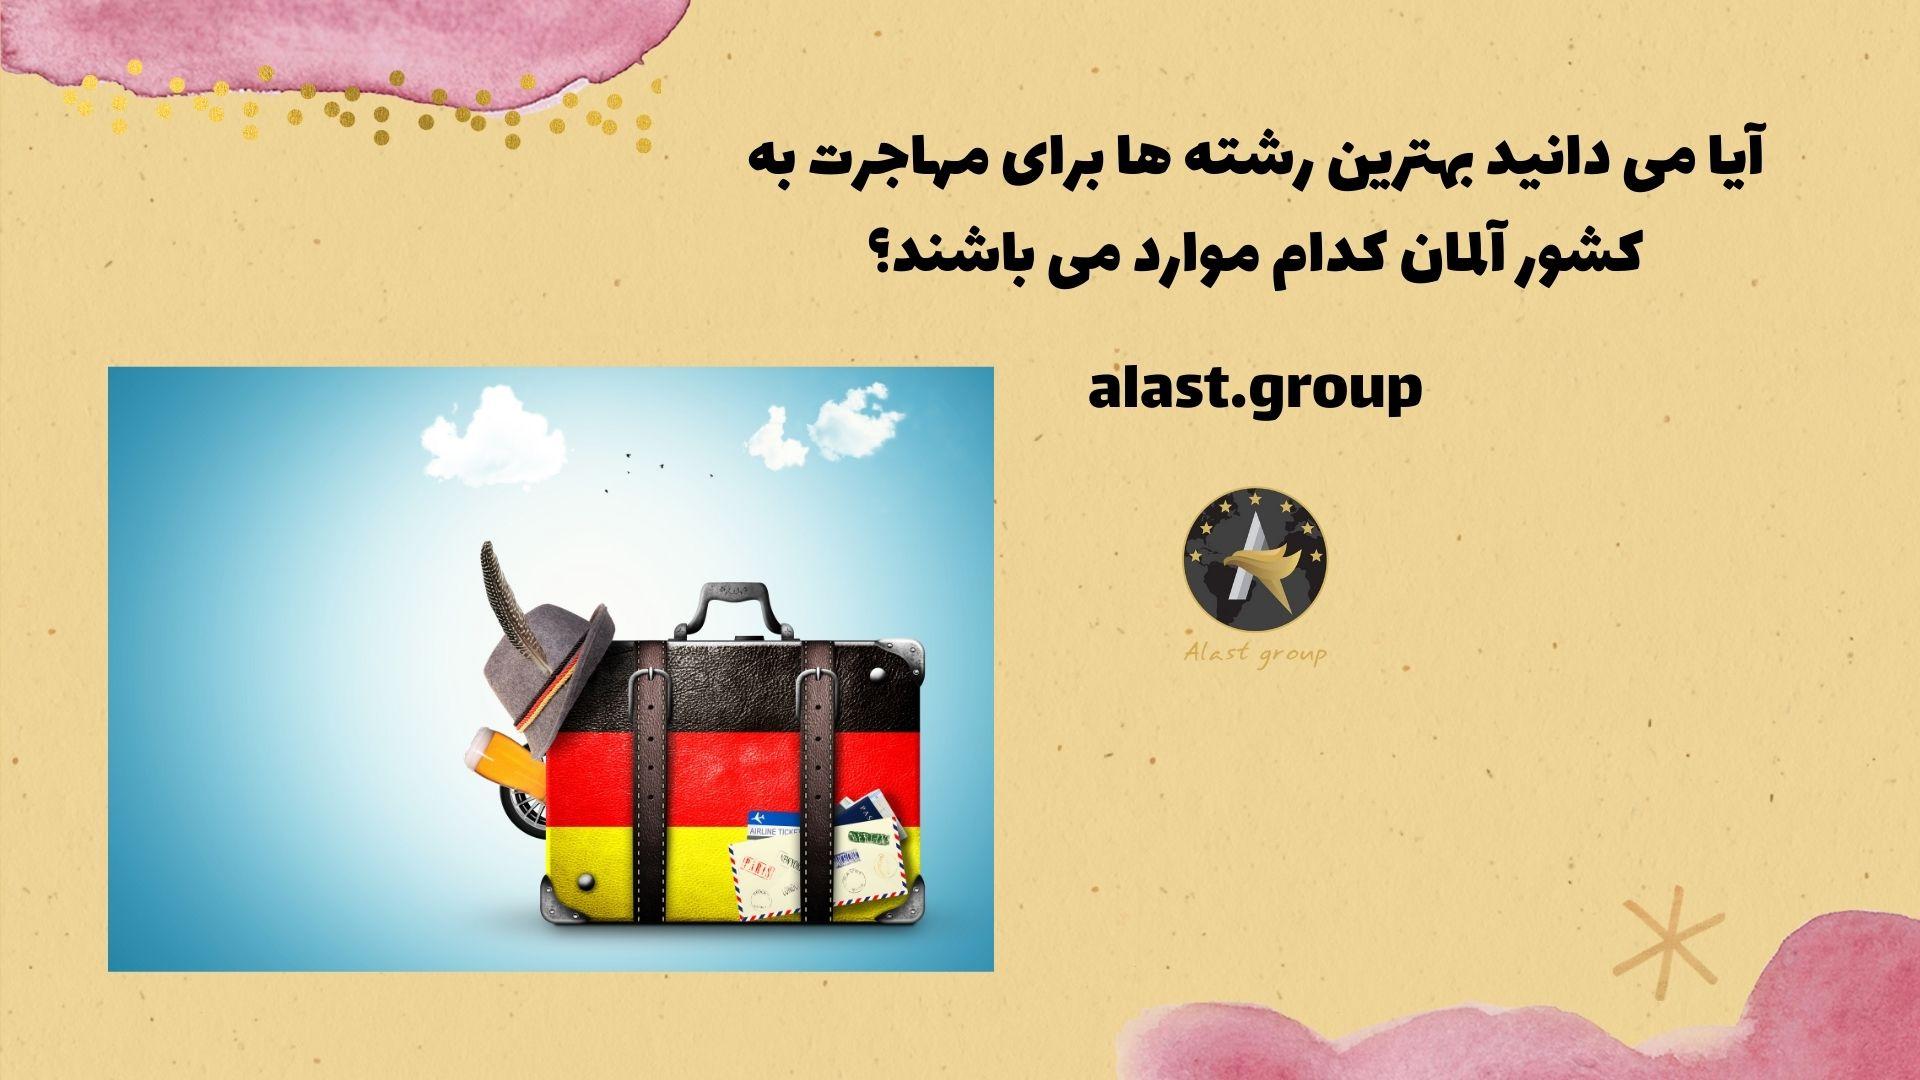 آیا می دانید که بهترین رشته ها برای مهاجرت به کشور آلمان کدام موارد می باشند؟